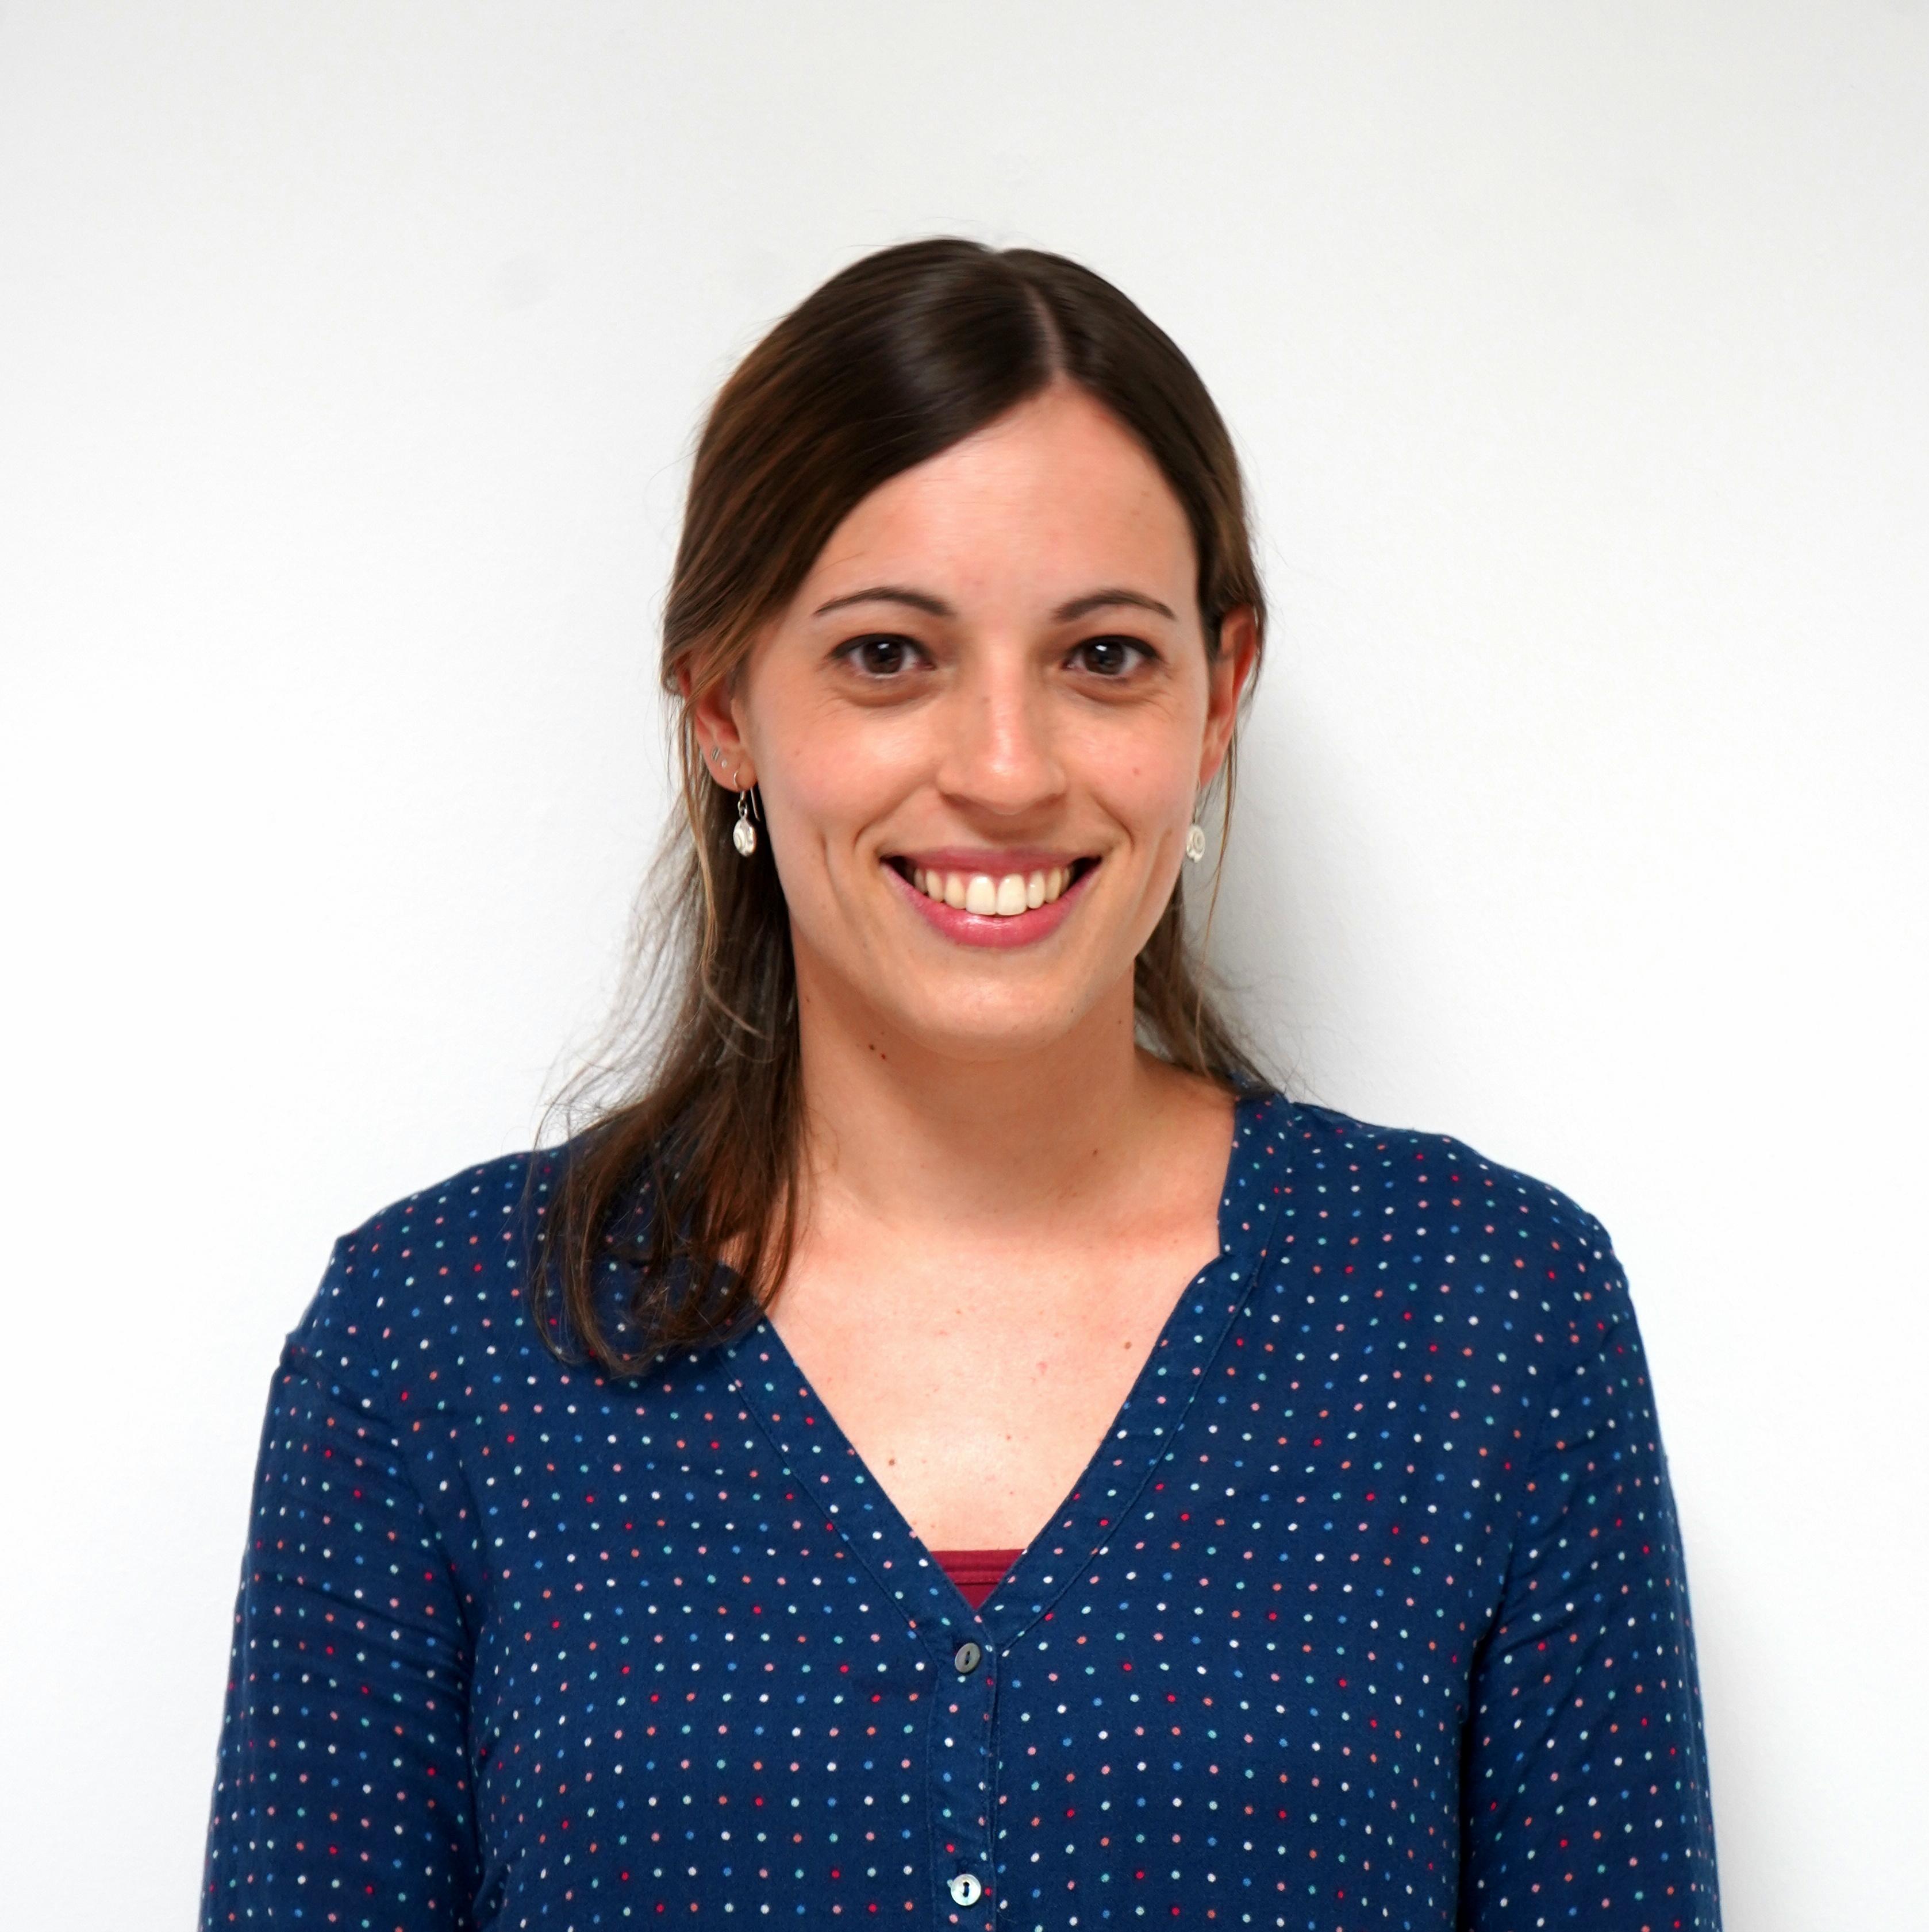 Anna Caballe